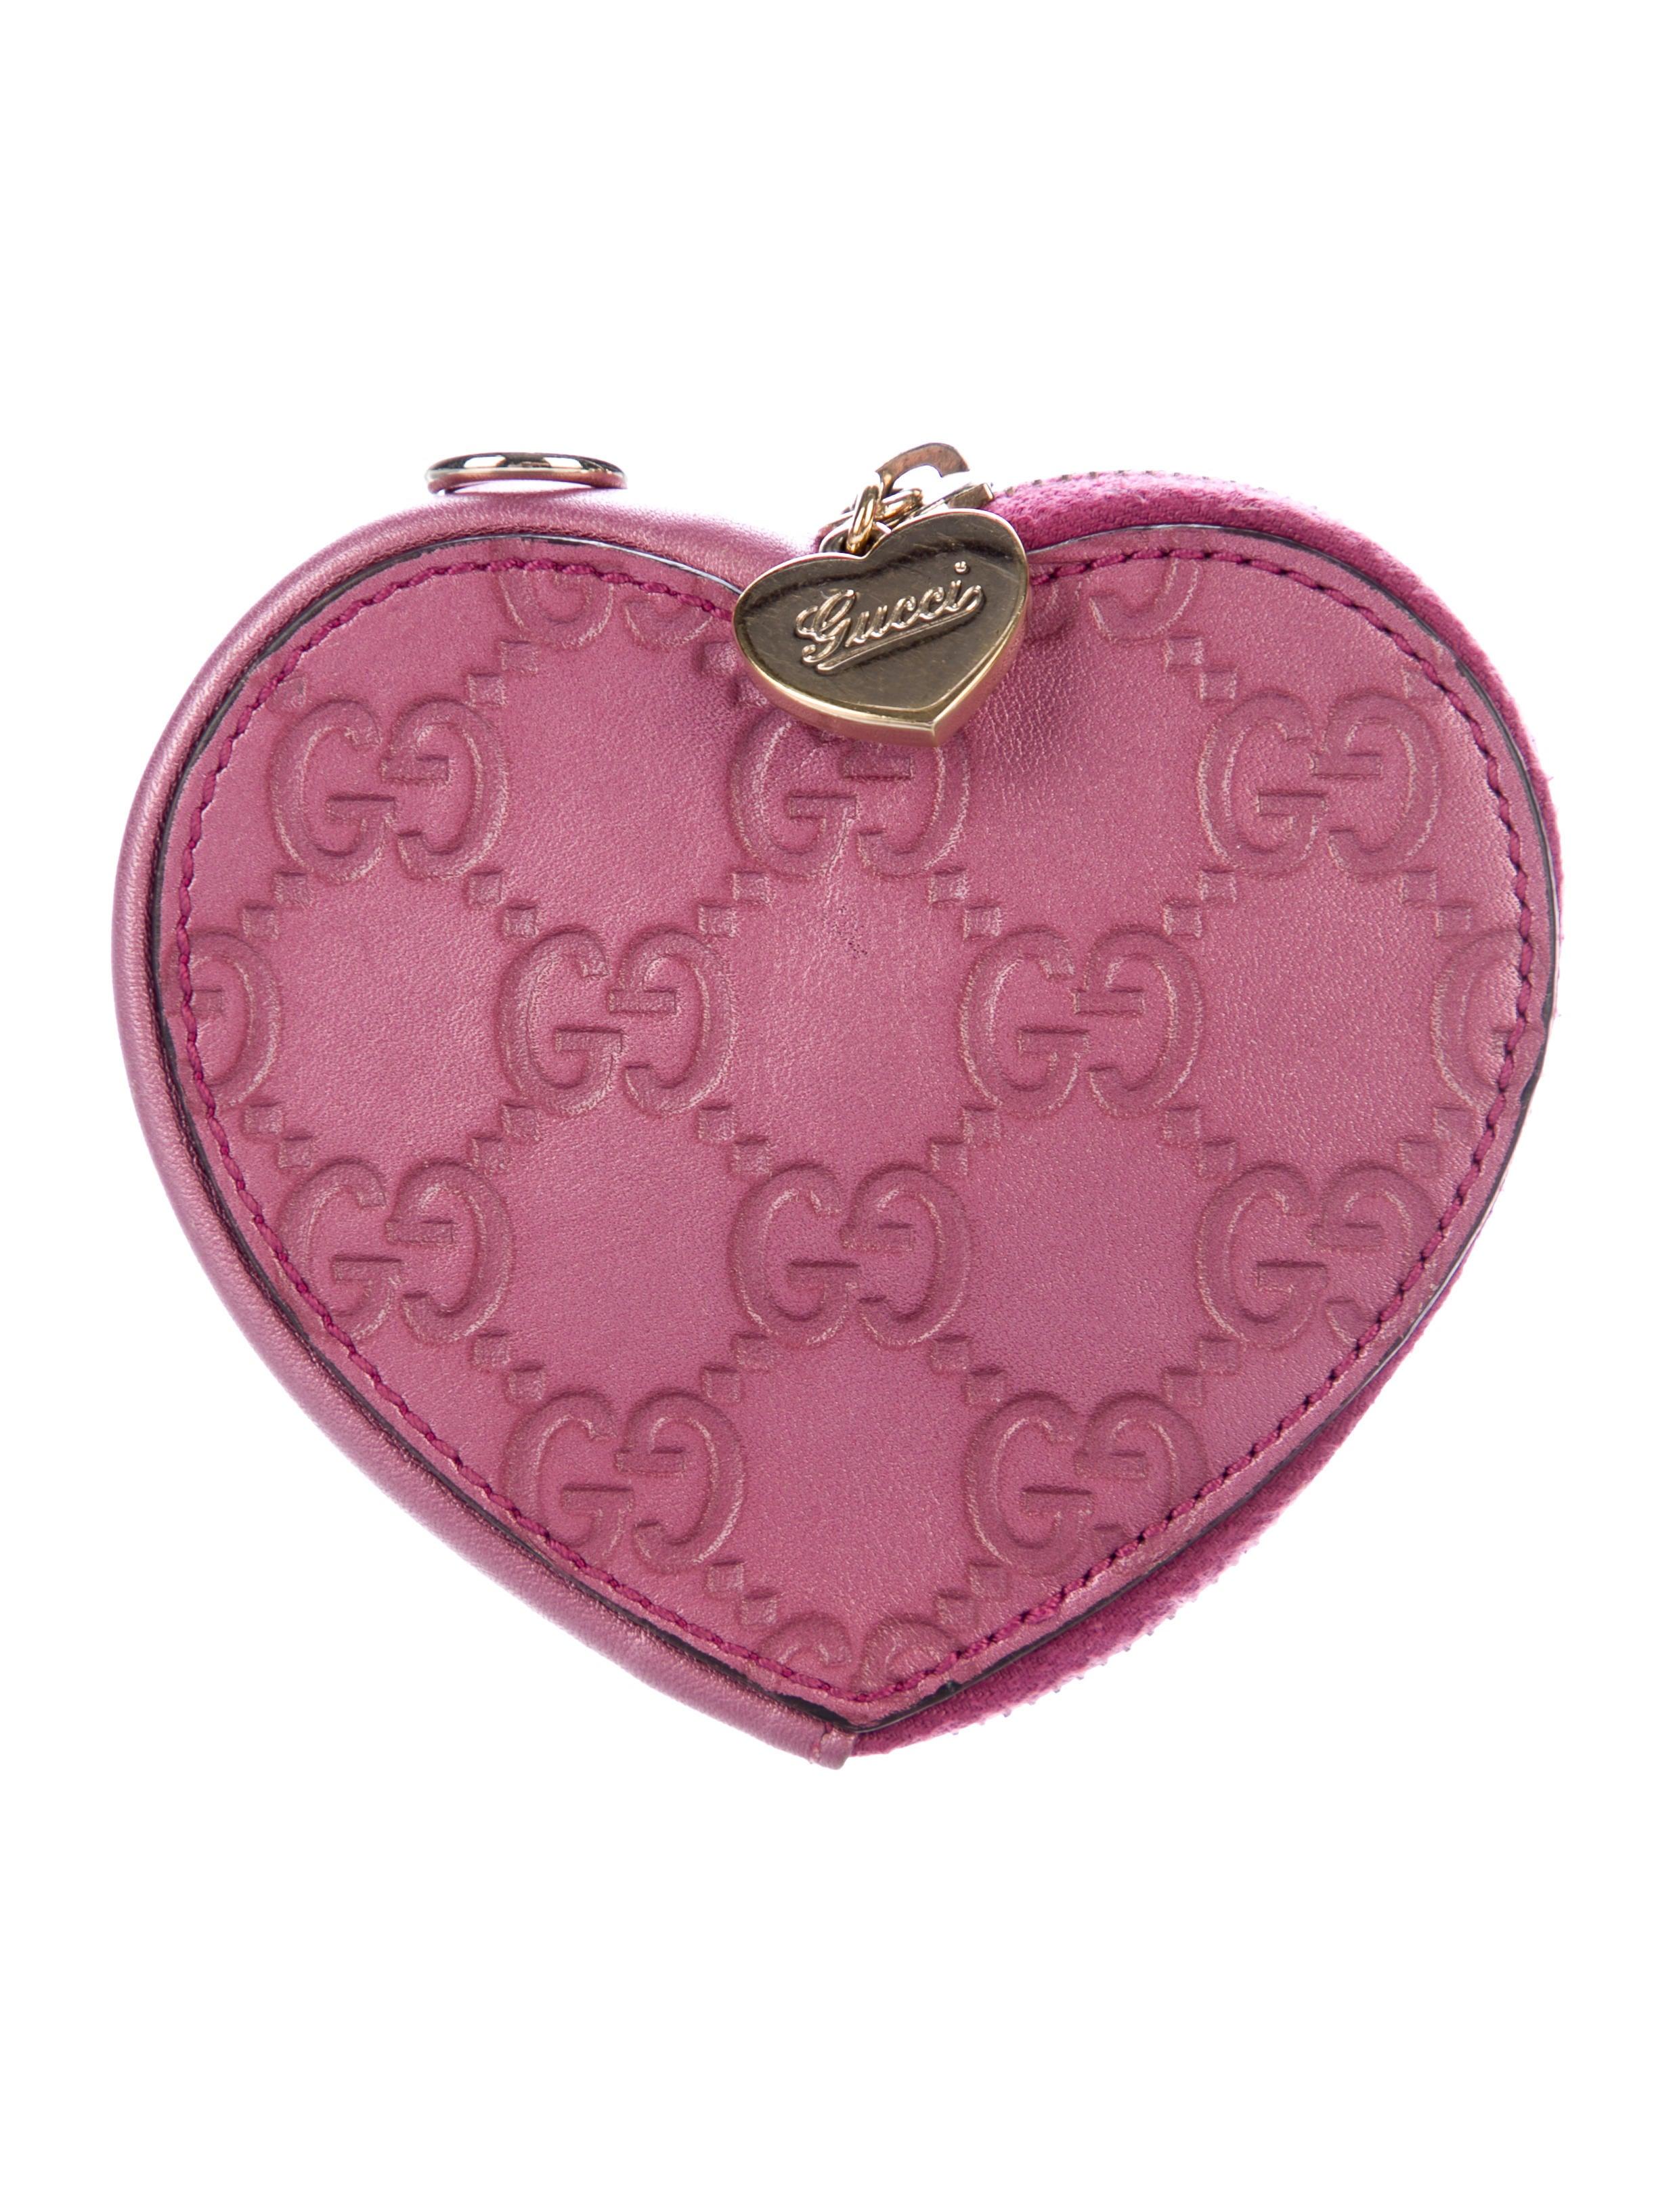 bc143fcb20a Gucci Guccissima Heart Coin Pouch - Accessories - GUC198376